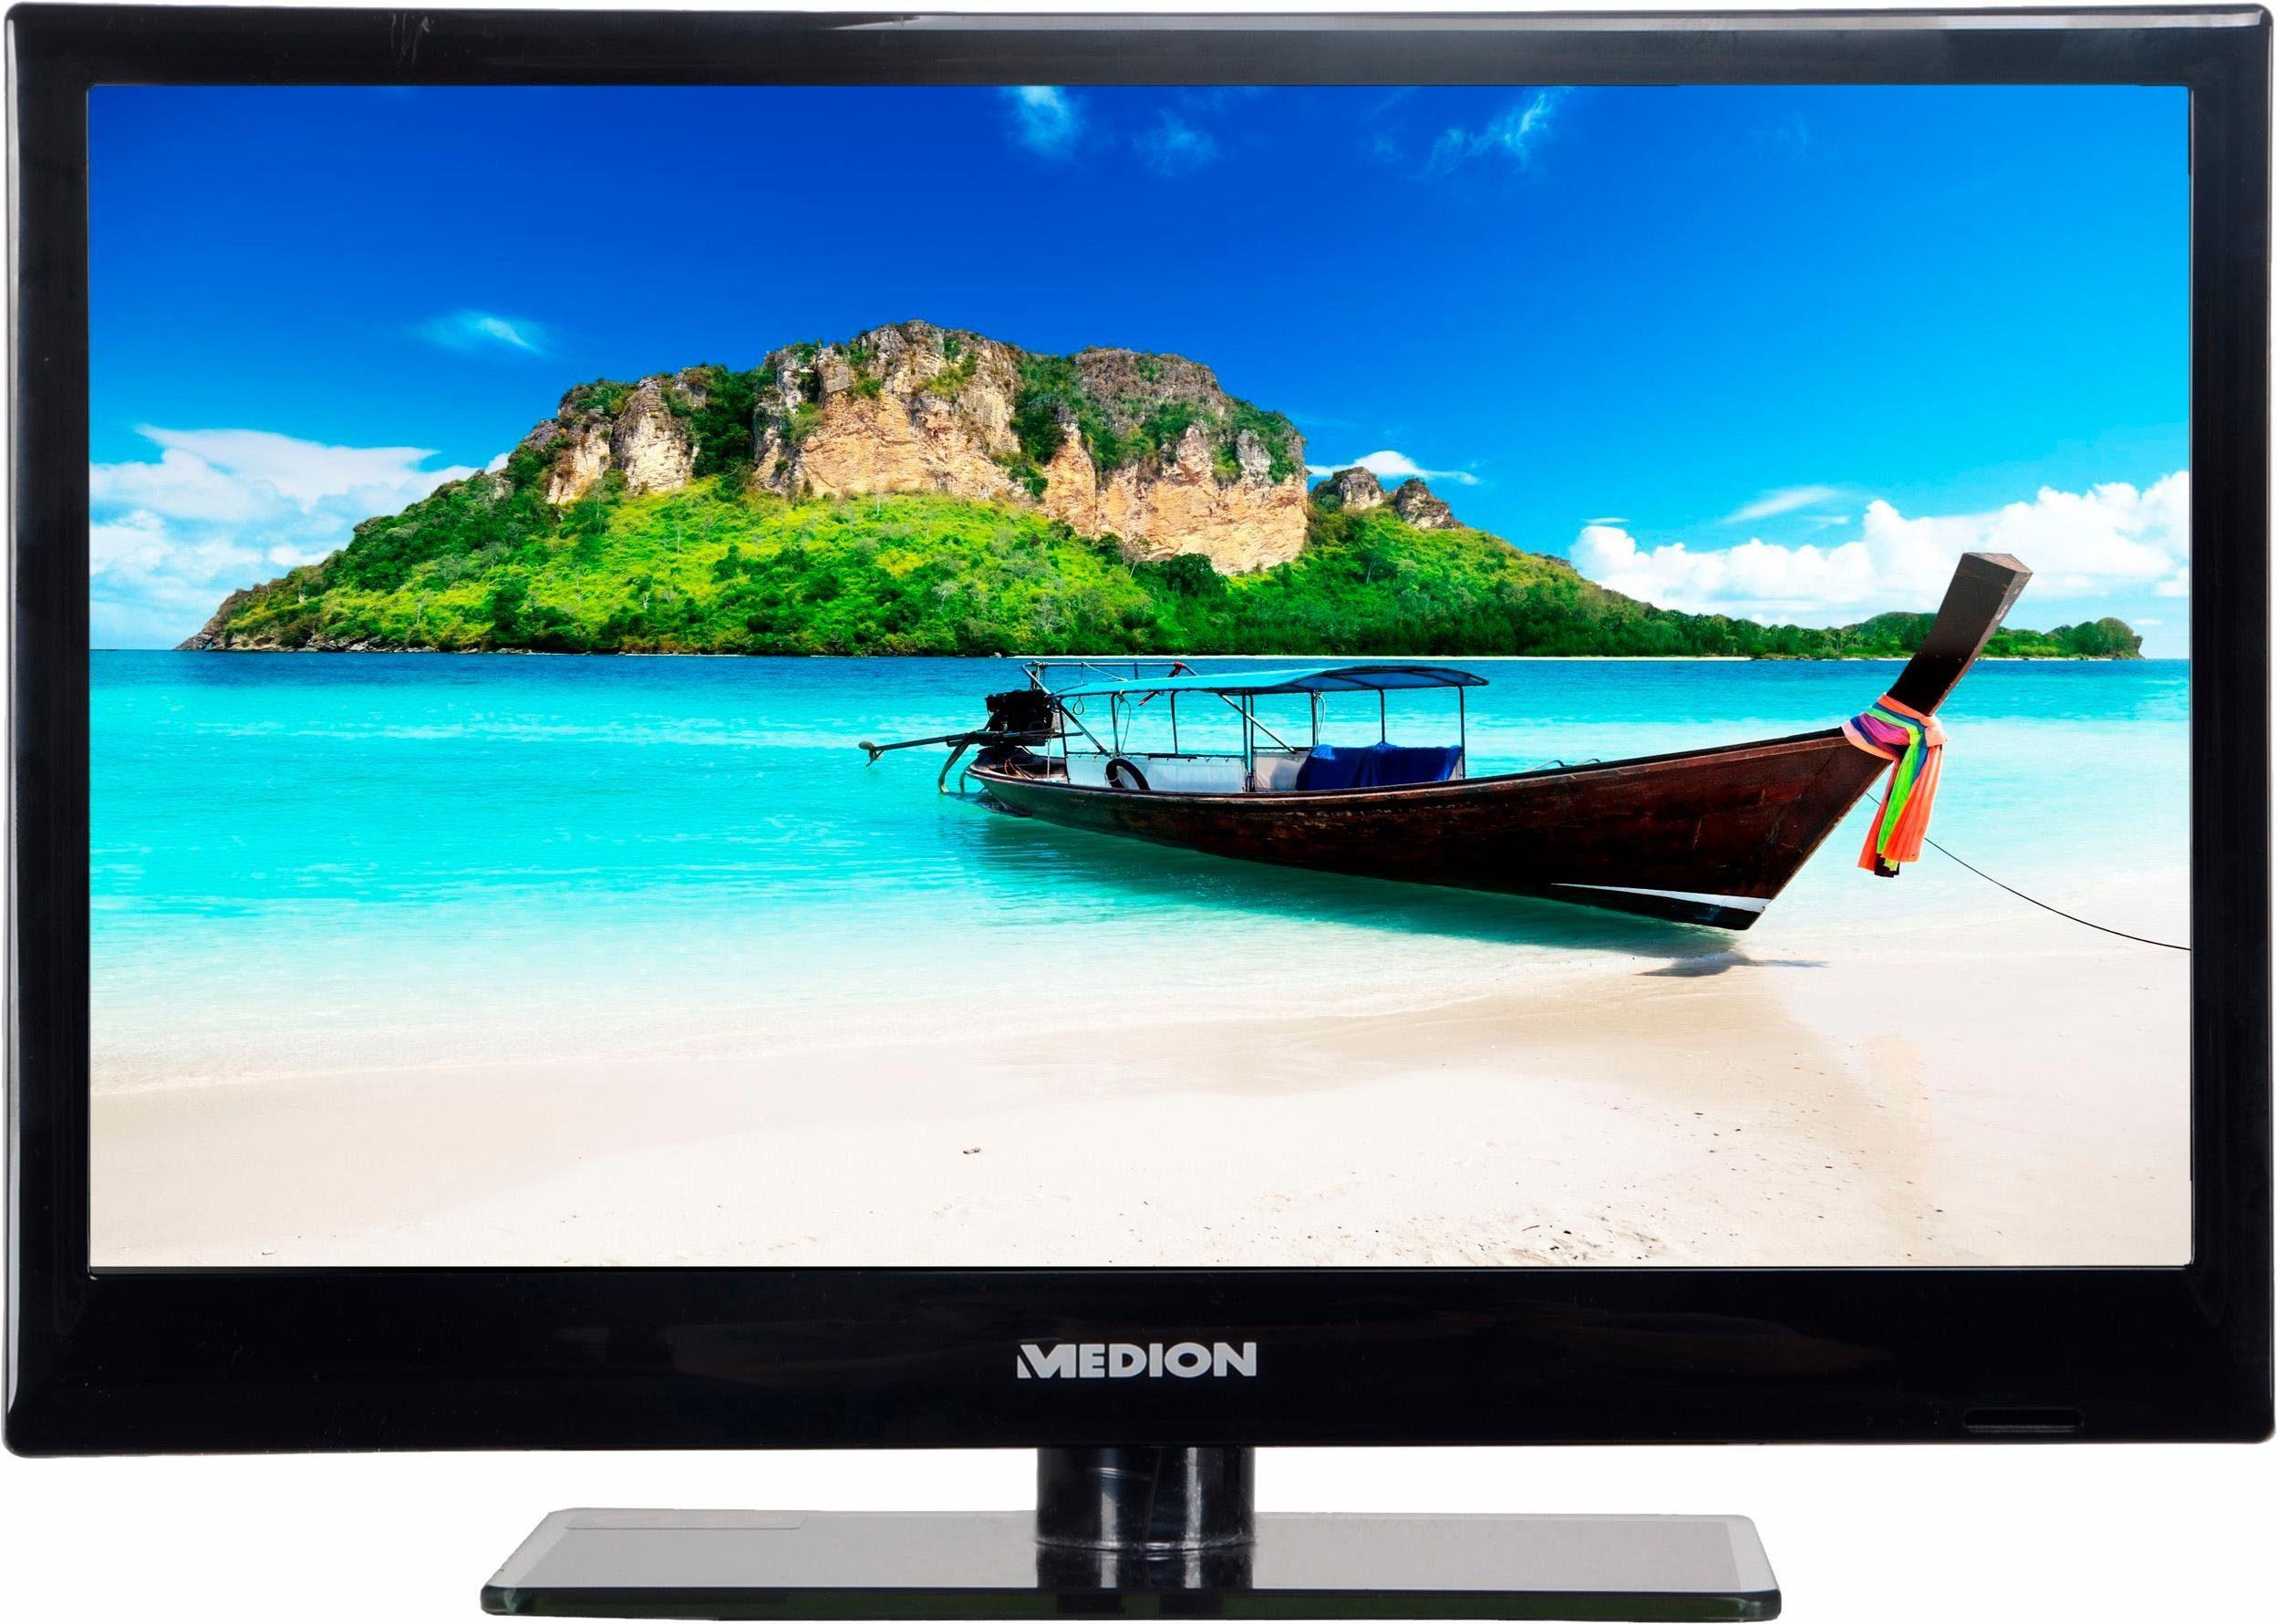 Medion® P13166 MD 21418, LED Fernseher, 39,6 cm (15,6 Zoll), HD-ready 720p